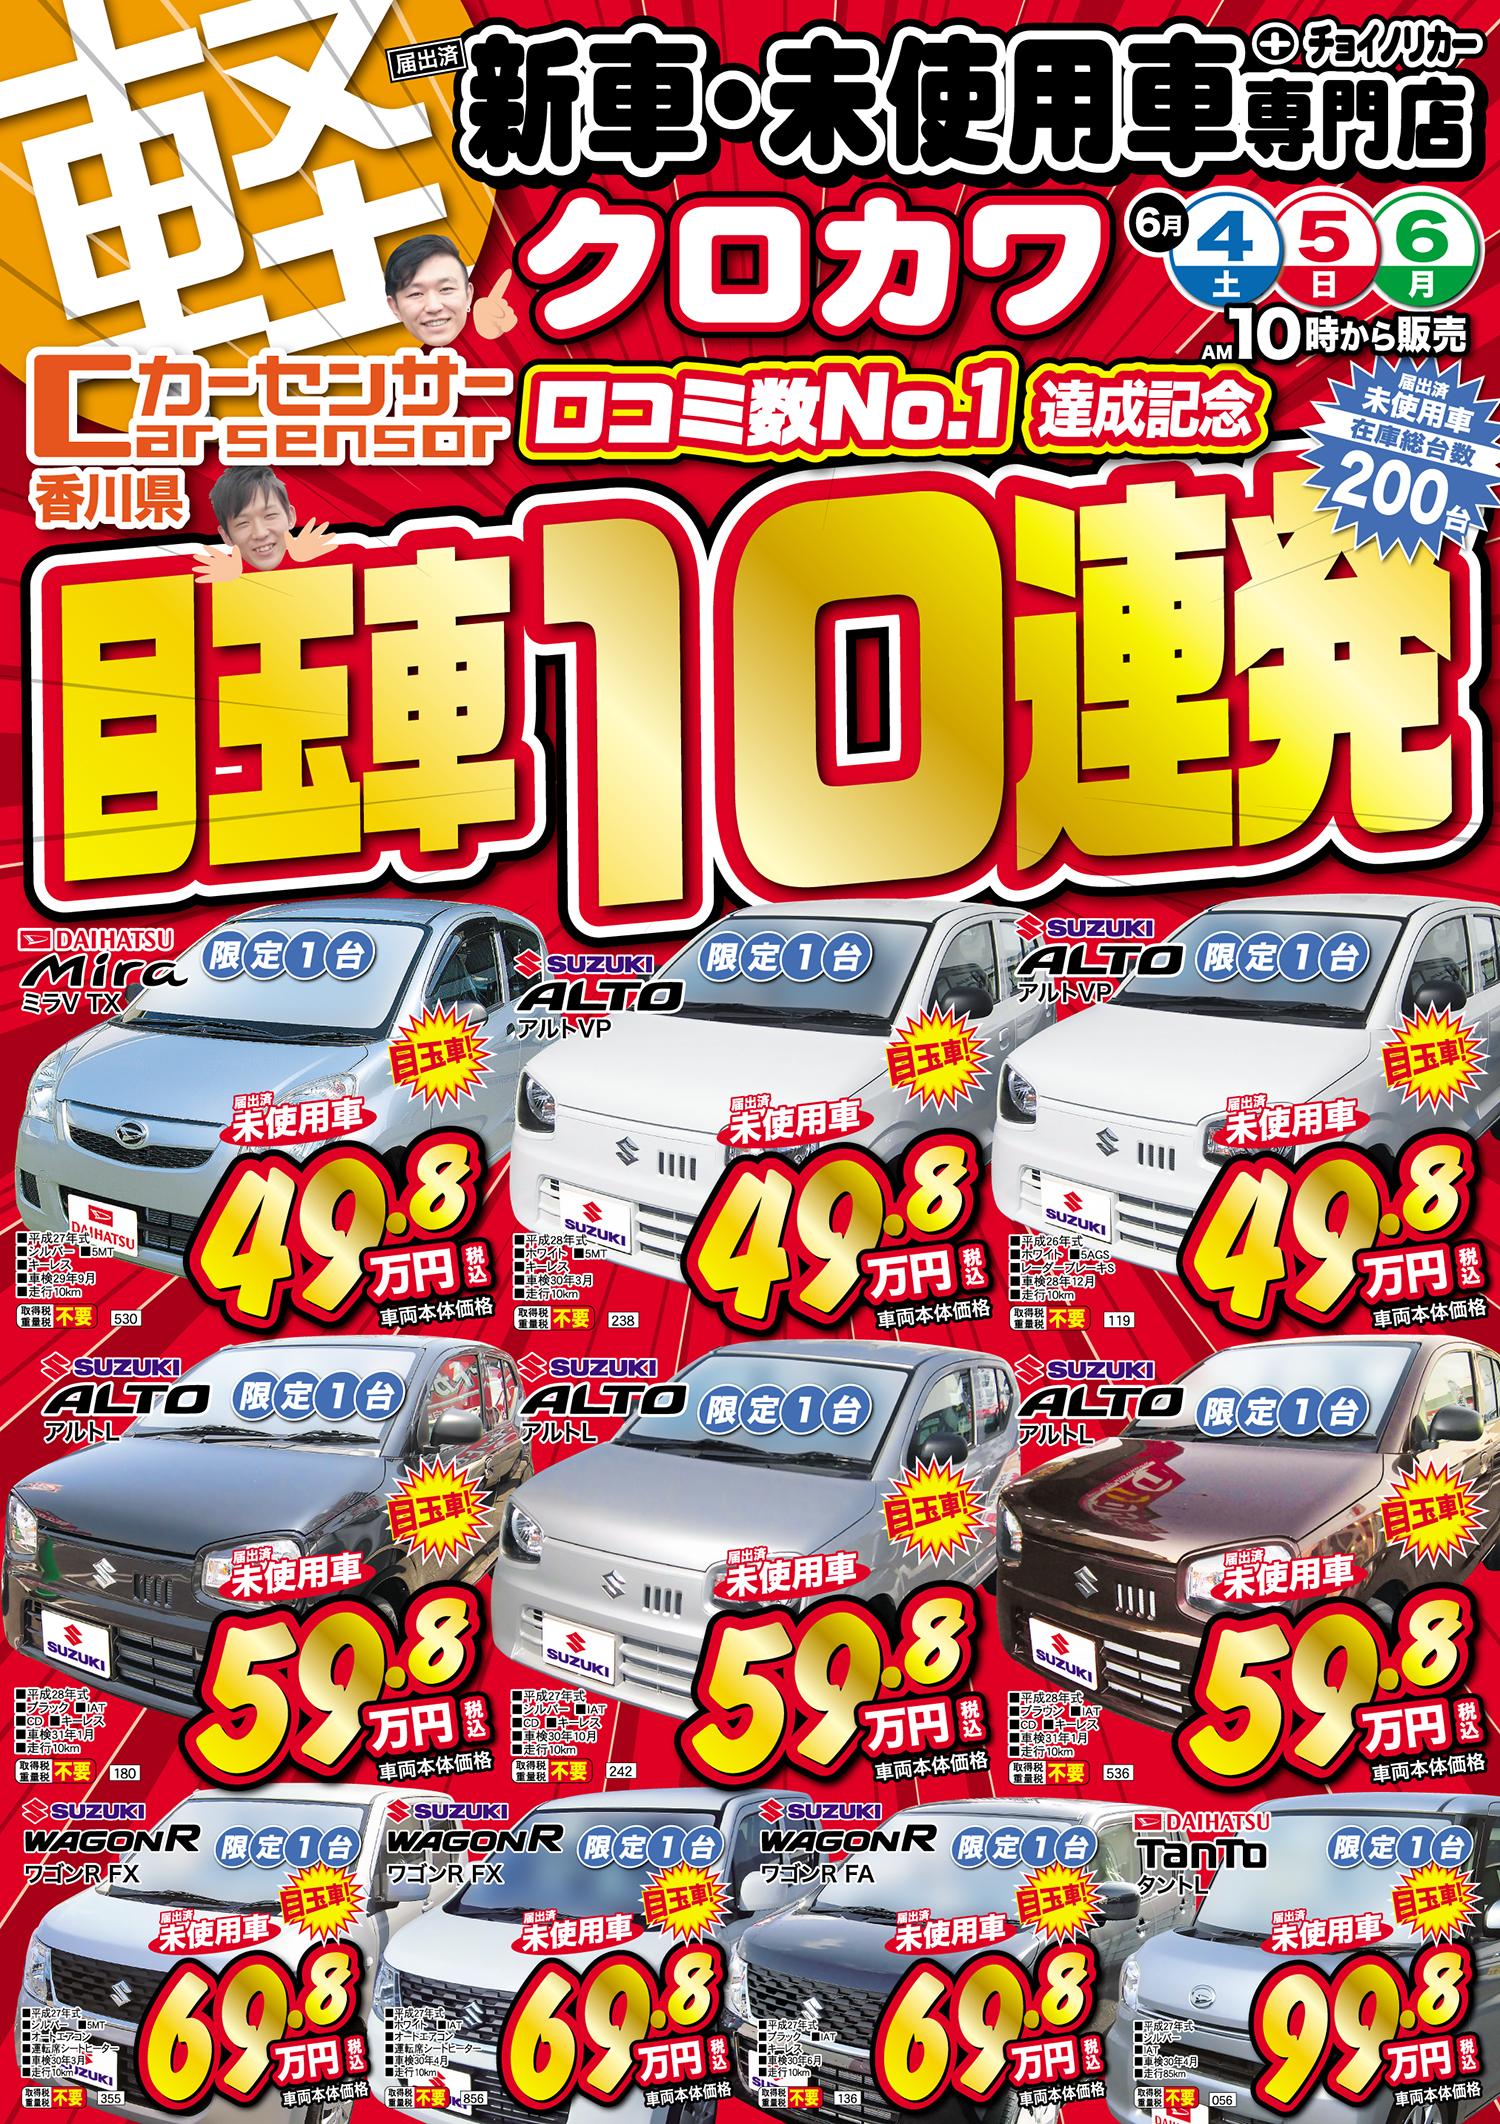 カーセンサークチコミ数No1達成記念!目玉車10連発!